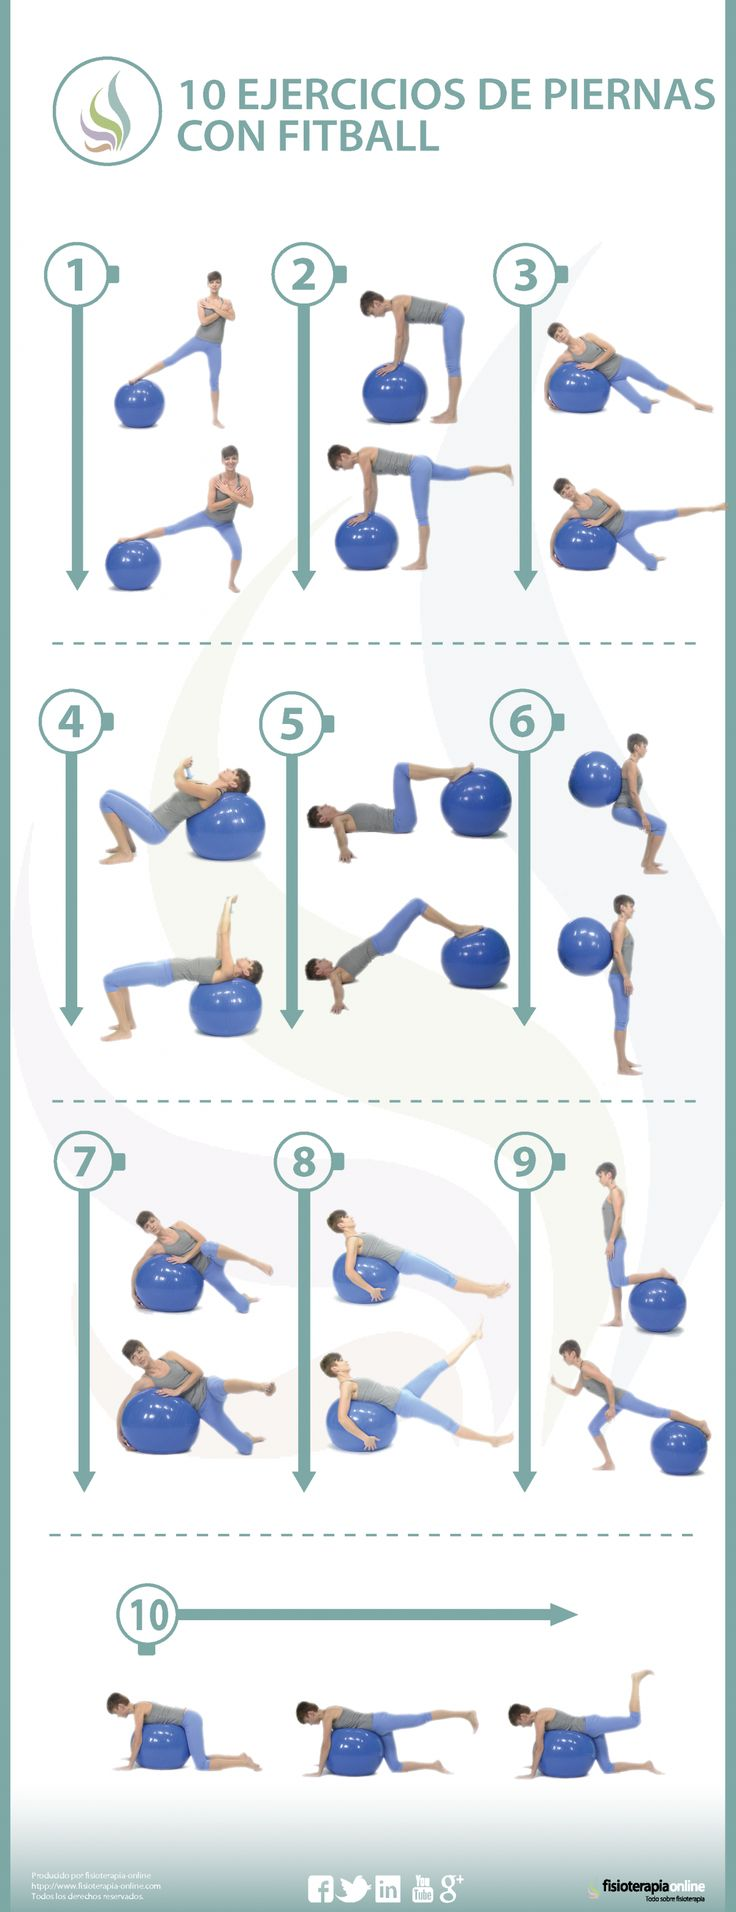 10 ejercicios para tonificar y recuperar tus piernas con fitball